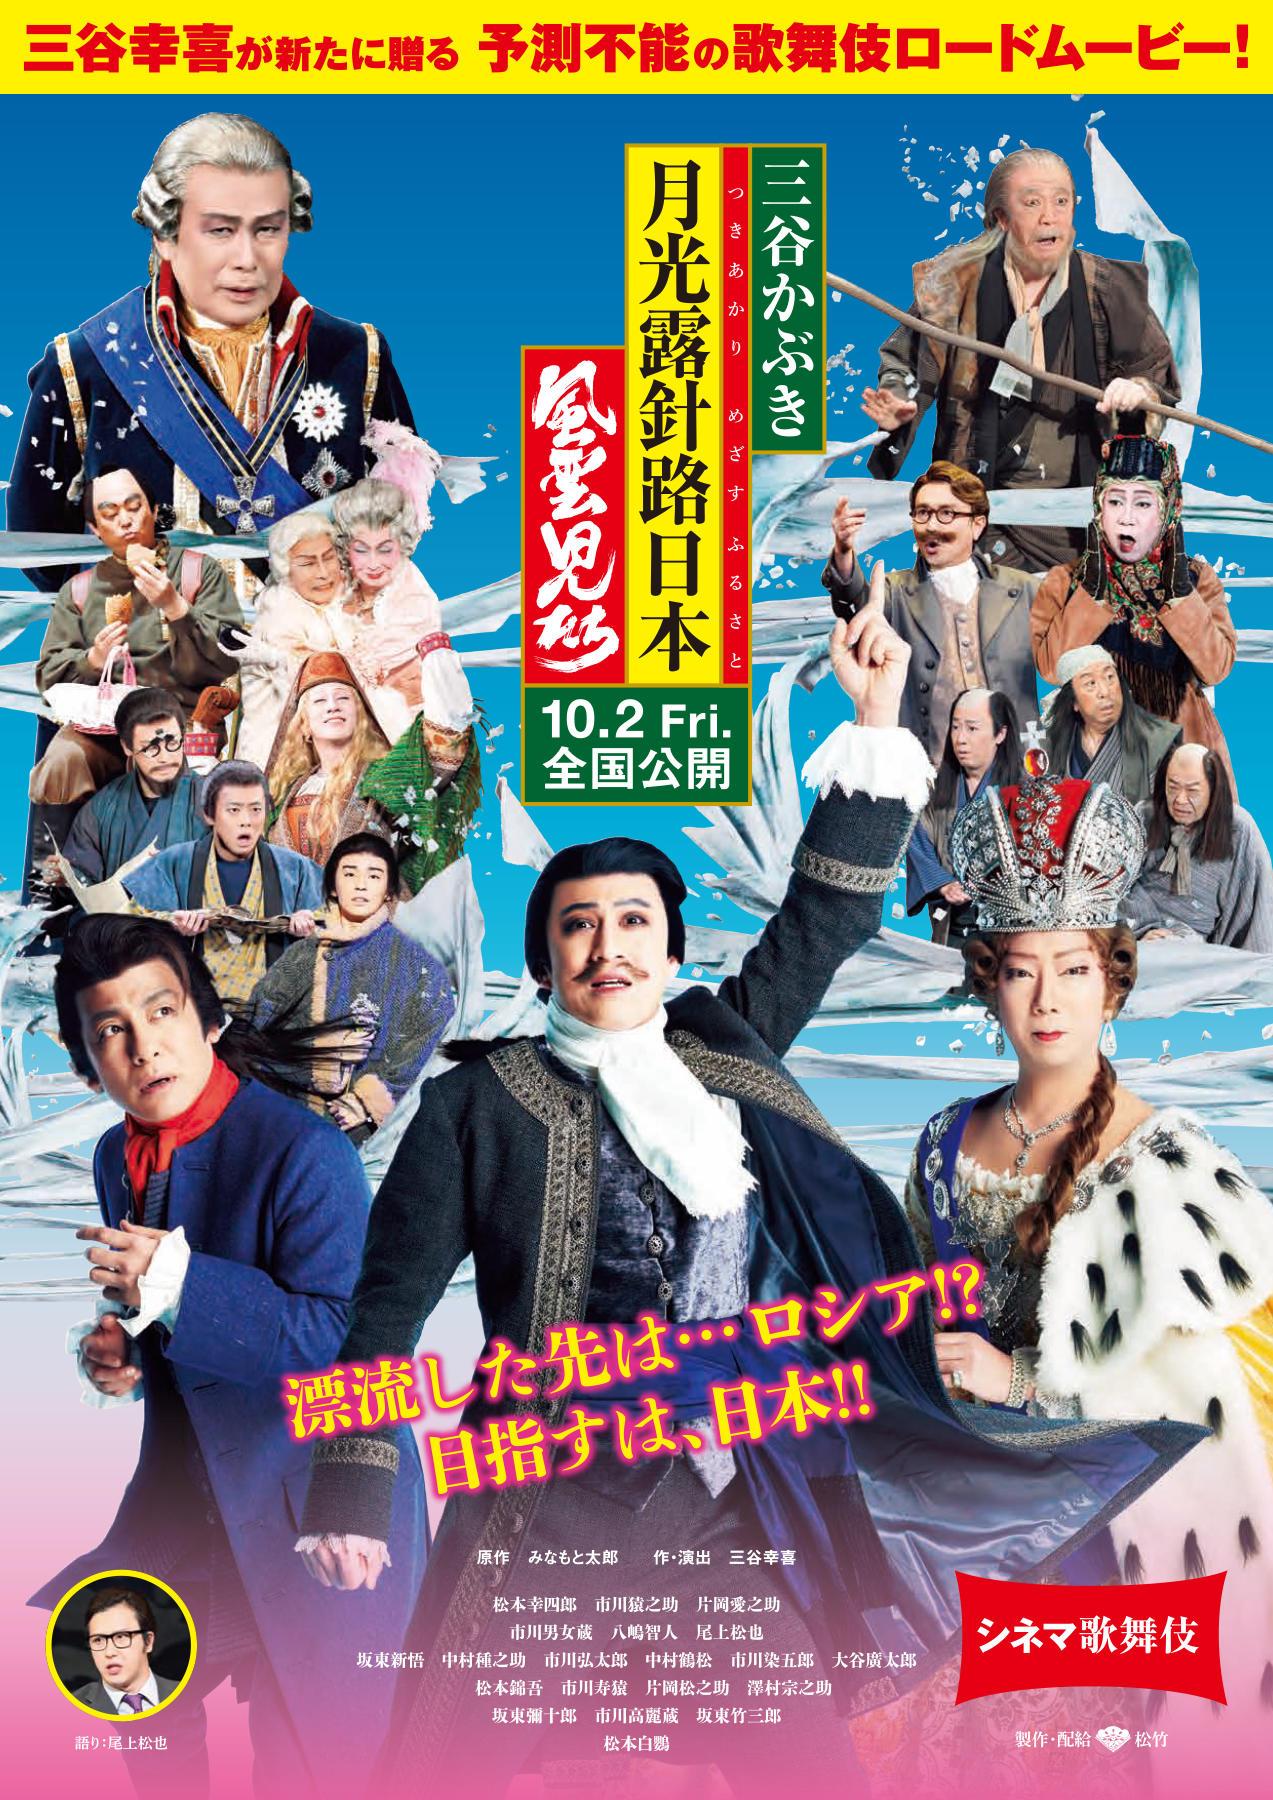 三谷かぶき 『月光露針路日本 風雲児たち』シネマ歌舞伎にて上映!